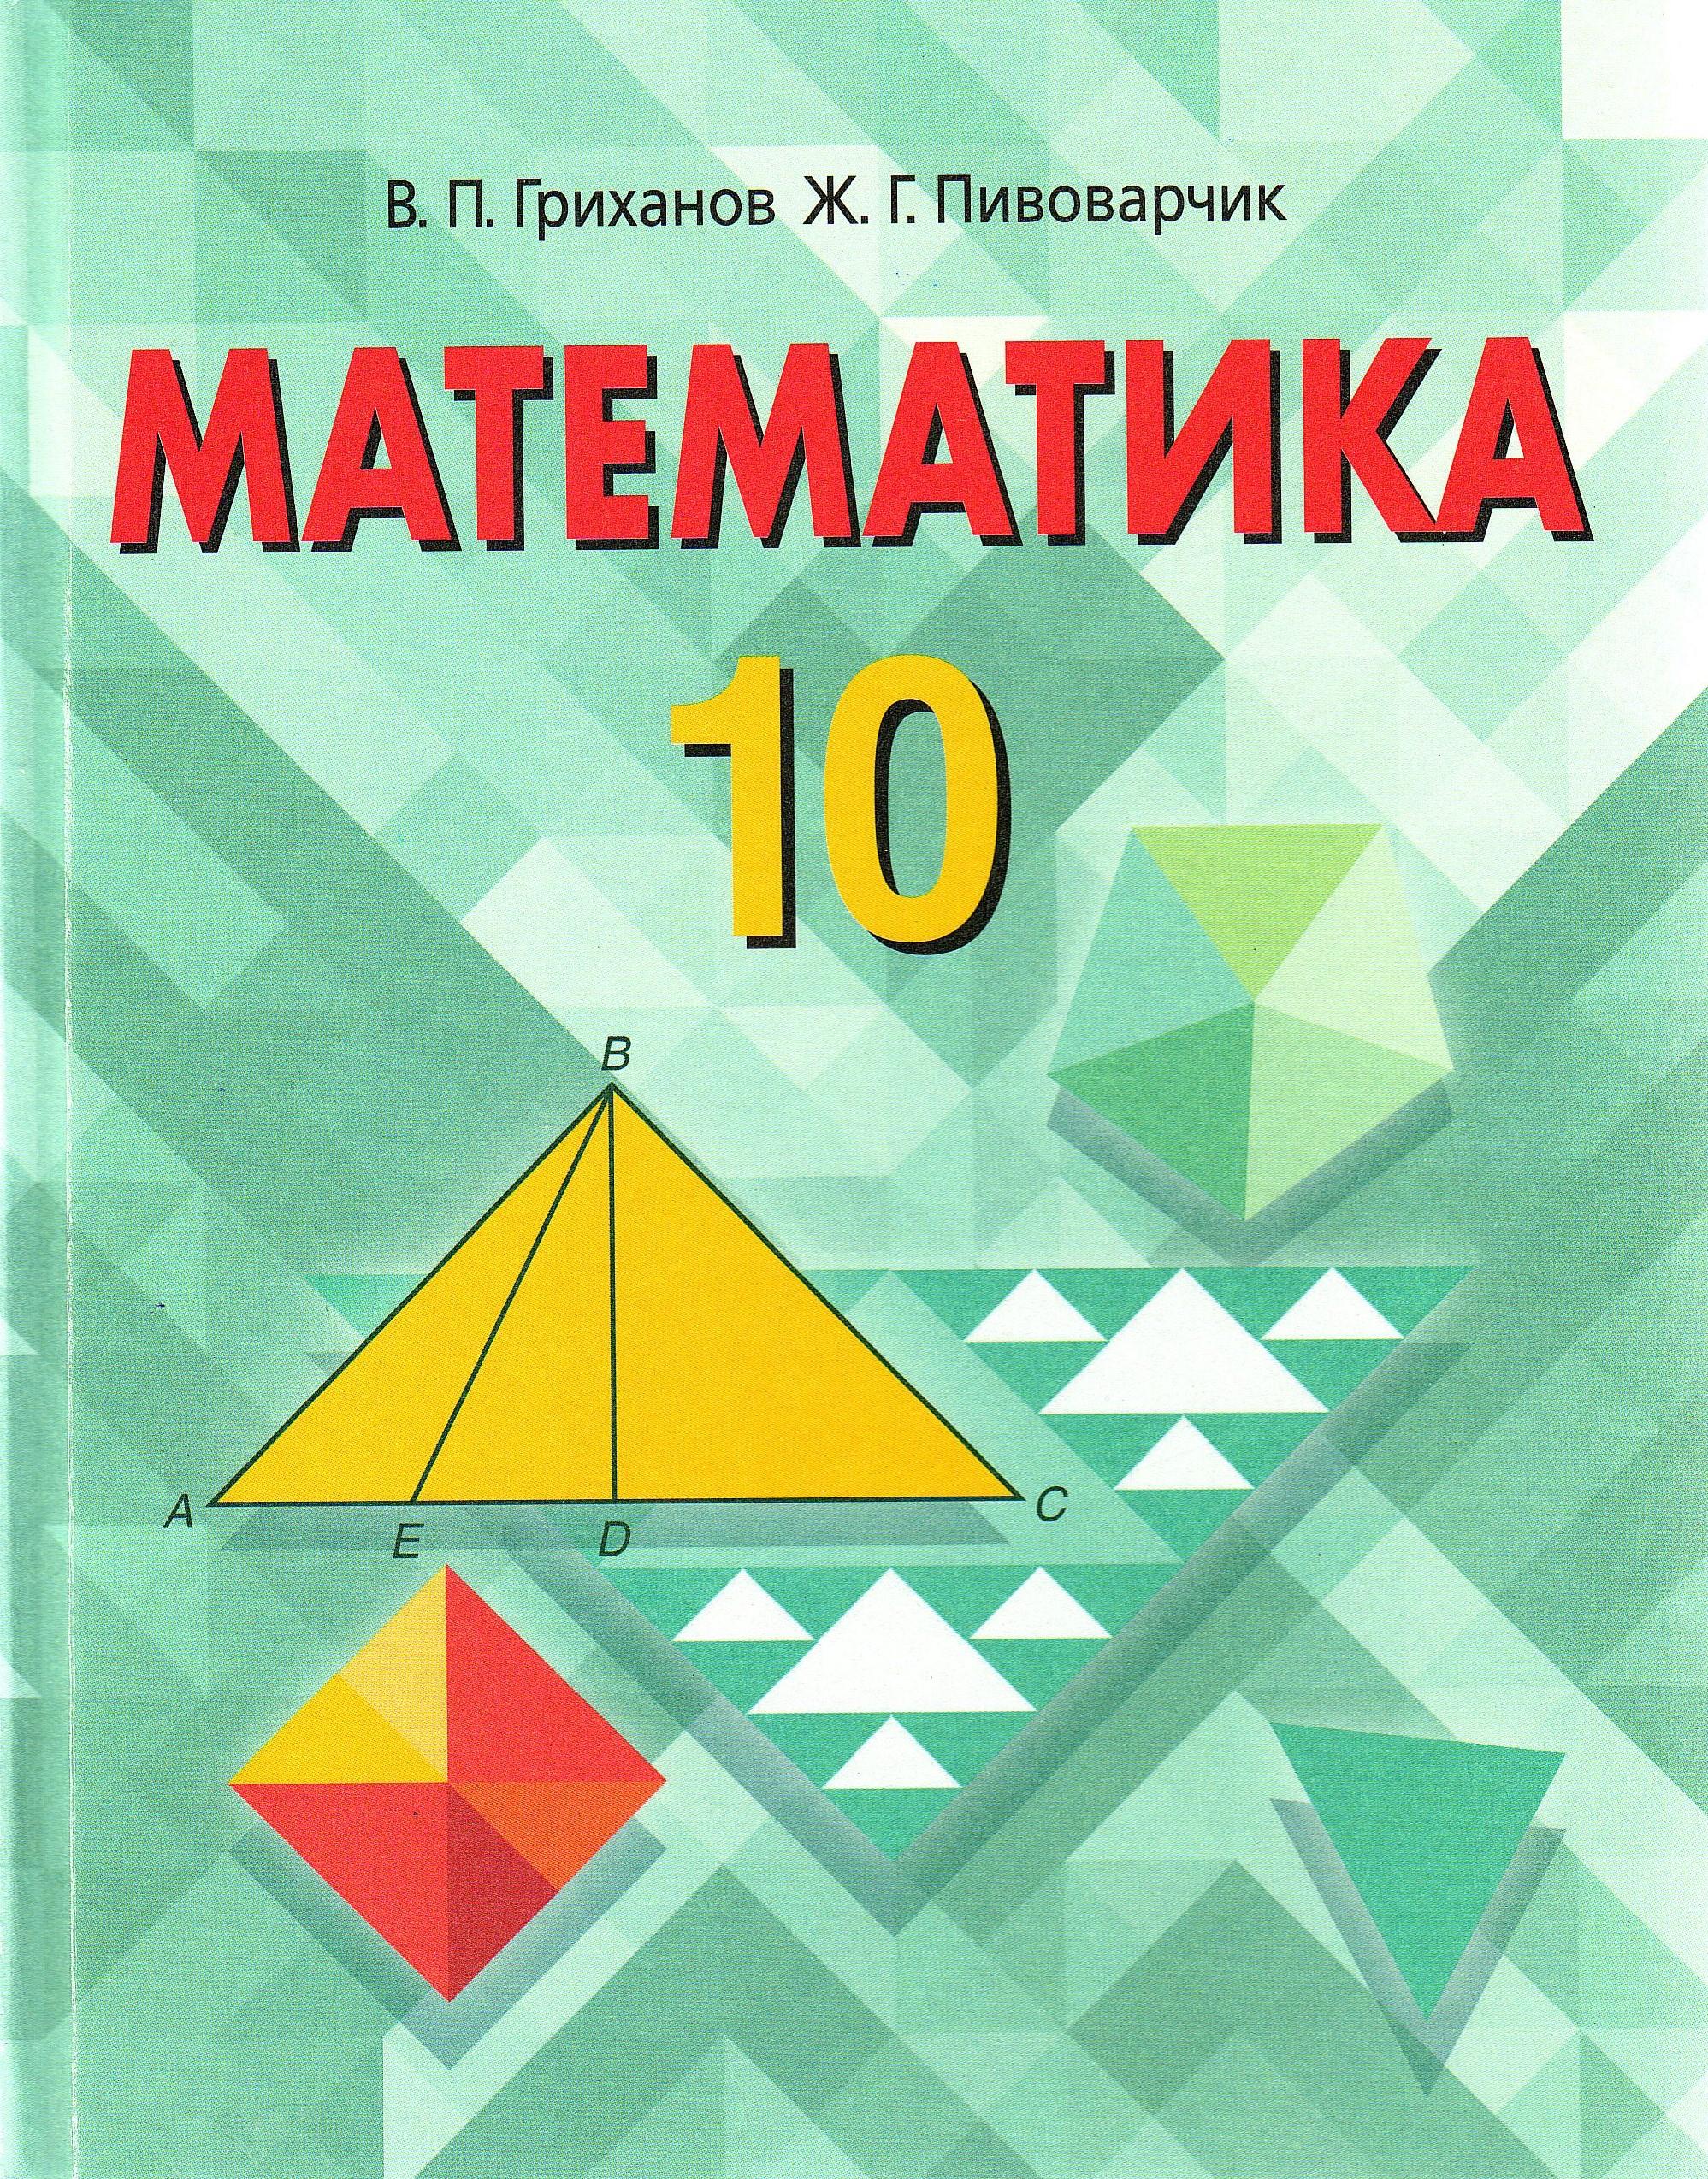 Математика, 10 класс